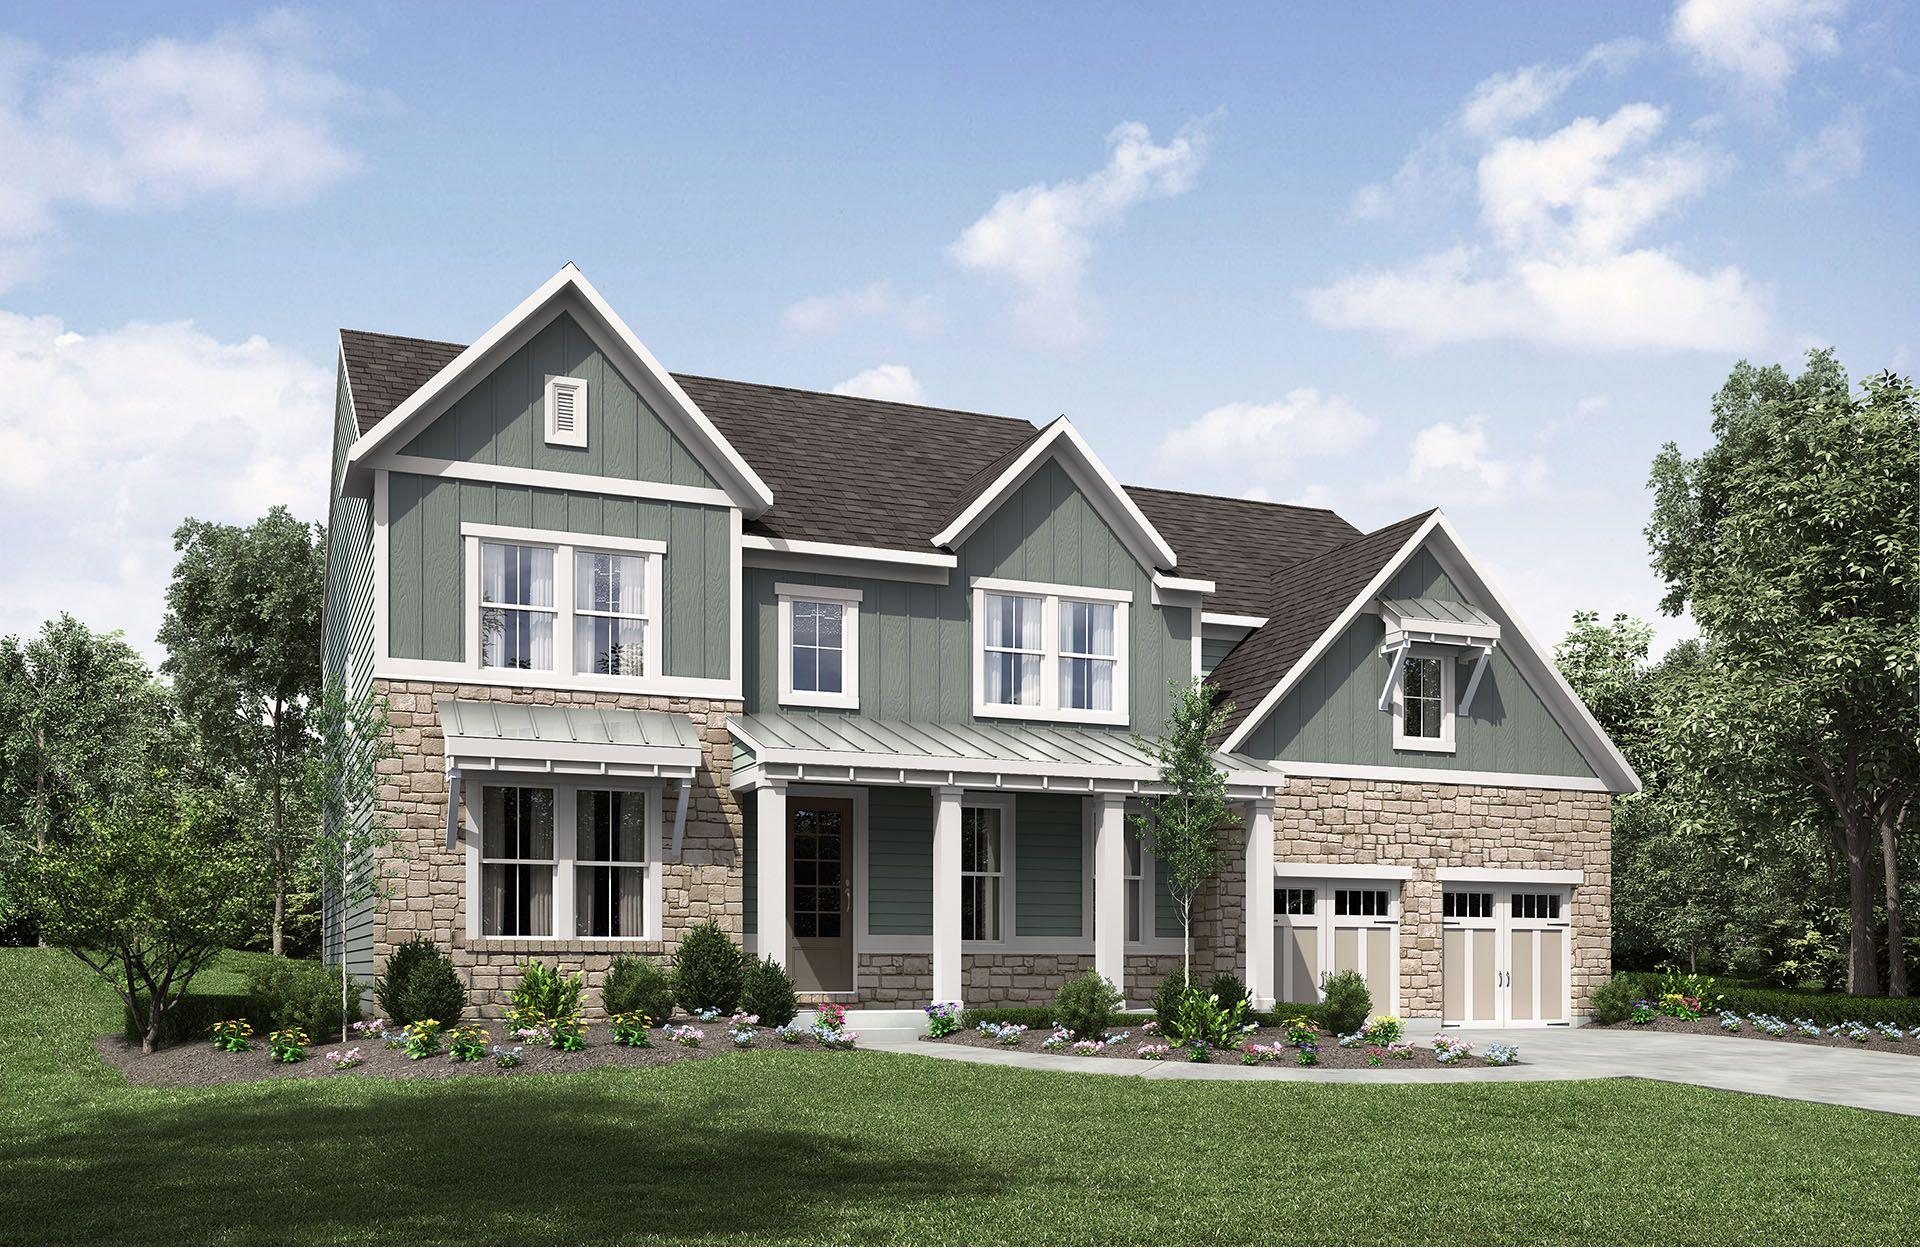 Unifamiliar por un Venta en Ash Lawn 10852 Angelina Drive North Royalton, Ohio 44133 United States